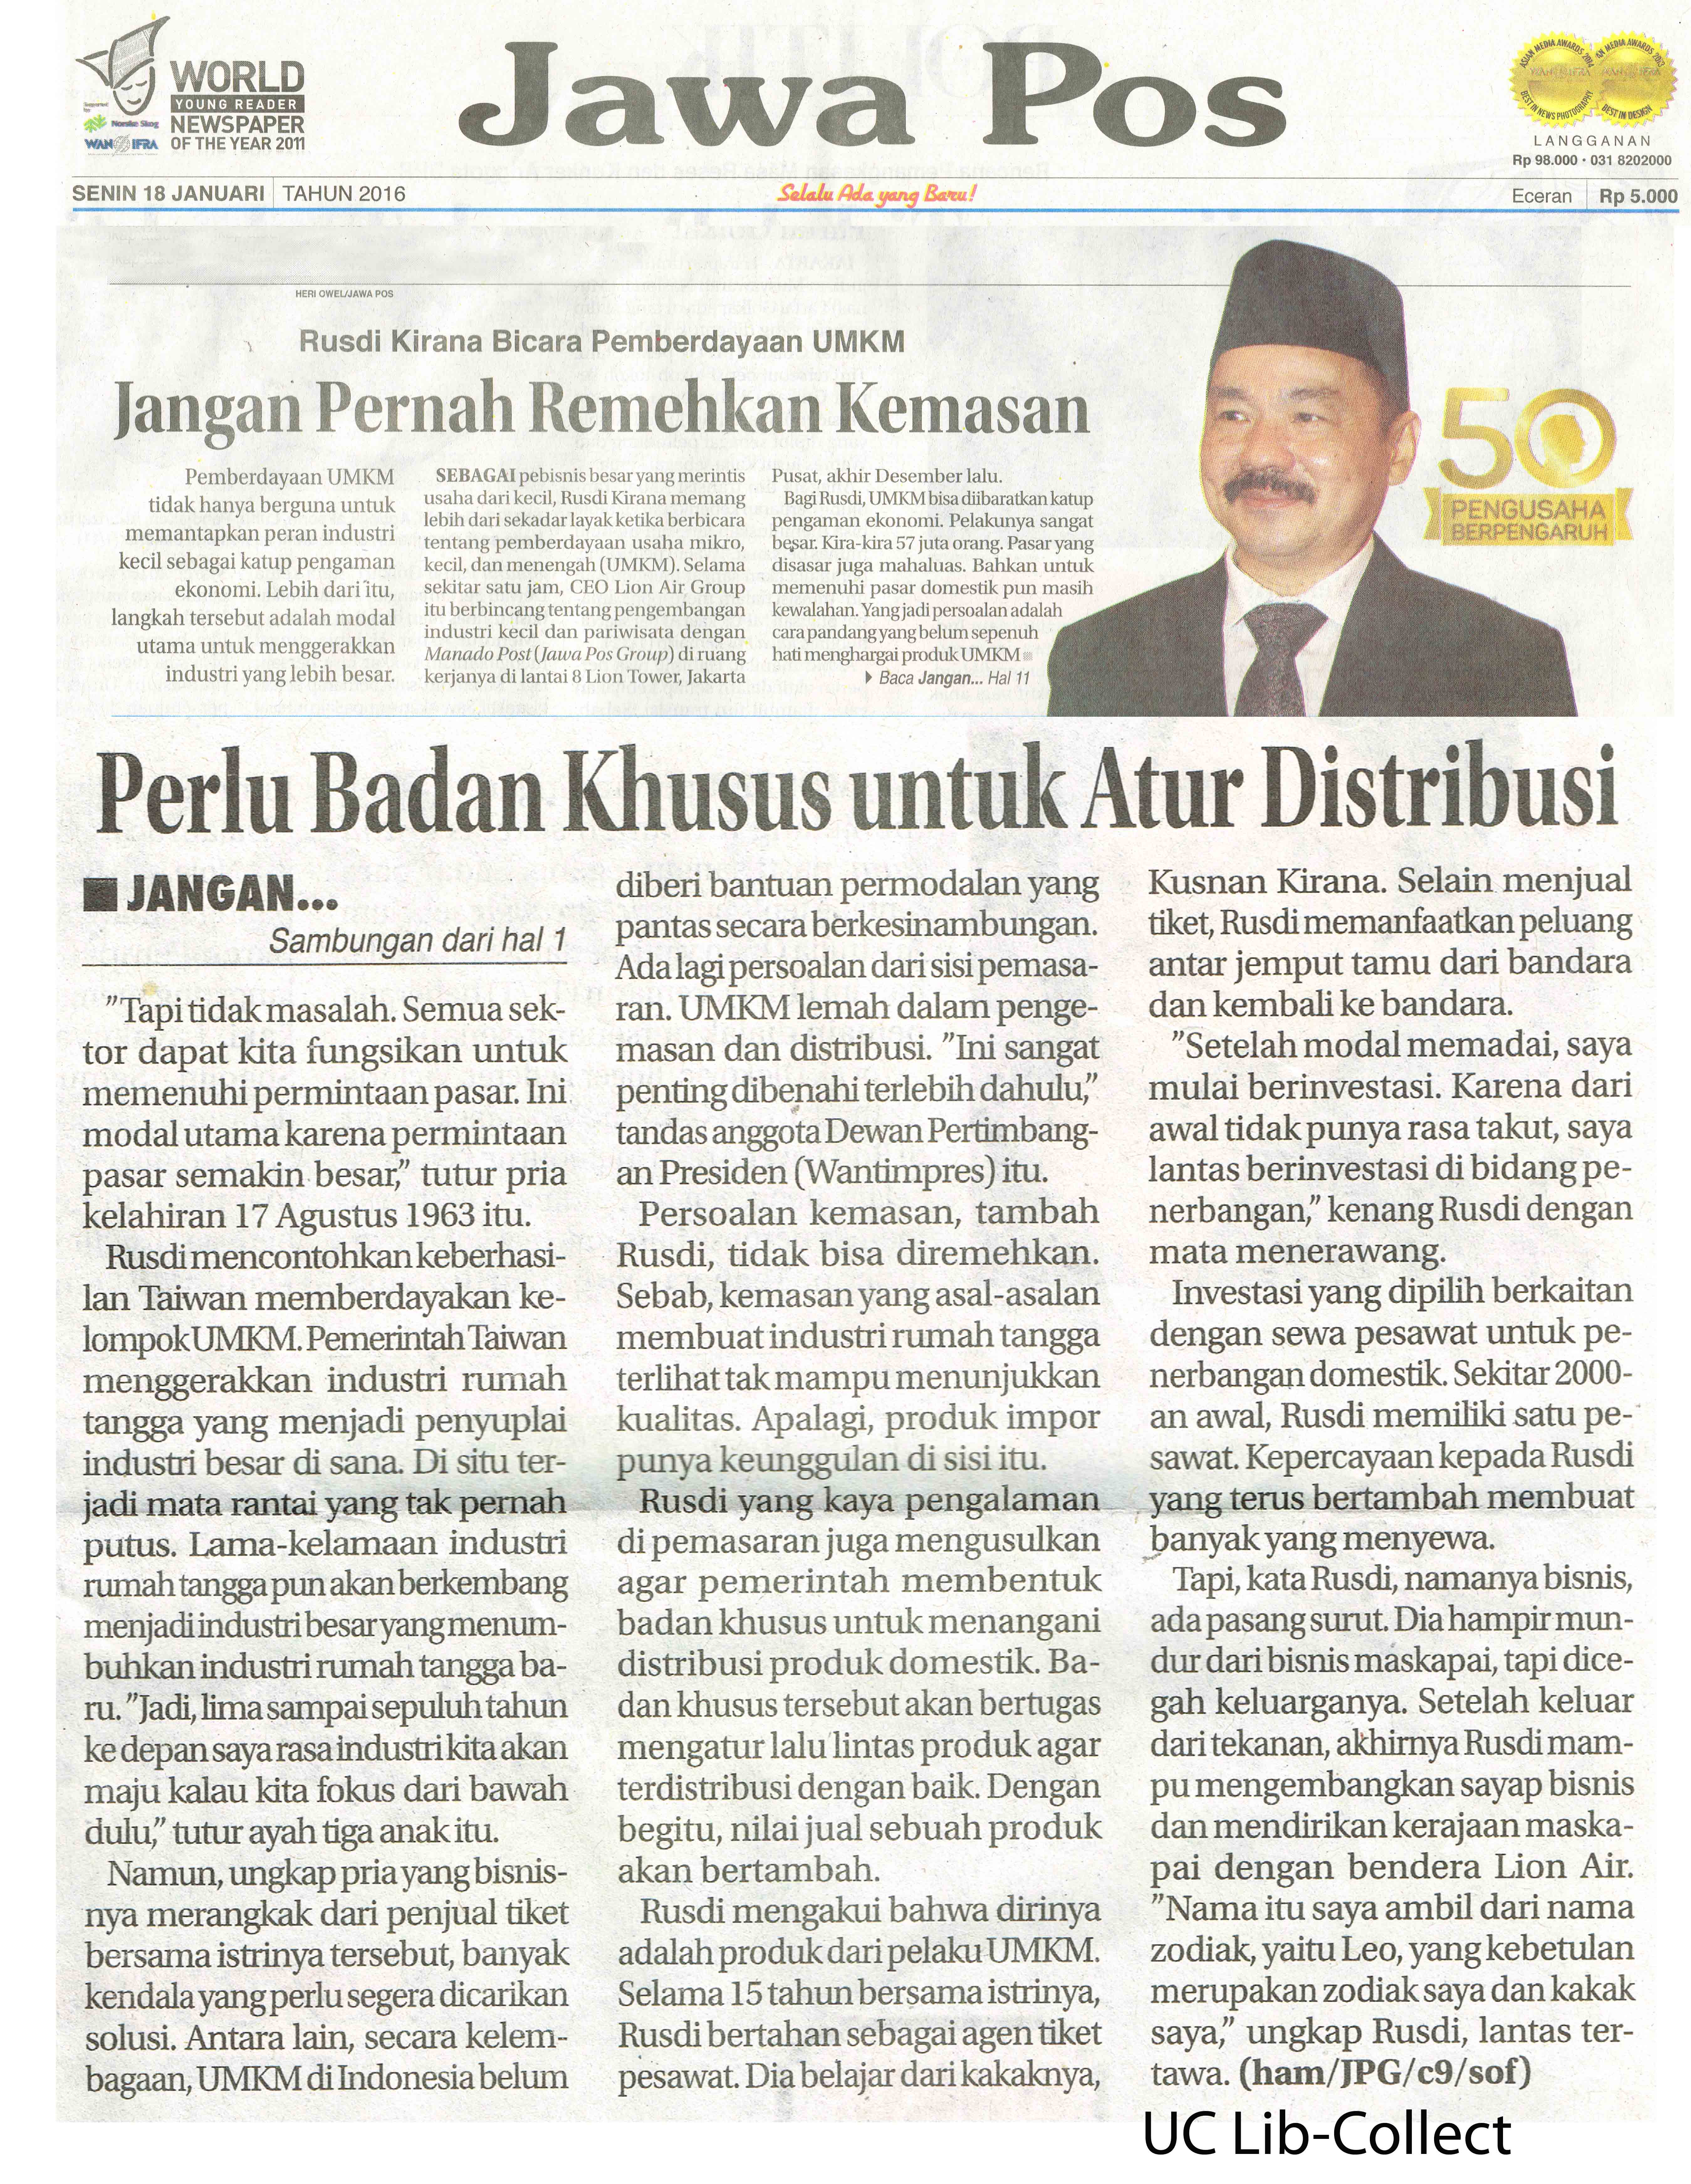 18 Januari 2016. Rusdi Kirana Bicara Pemberdayaan UMKM_Jangan Pernah Remehkan Kemasan. Jawa Pos.18 Januari 2016.Hal.1,11